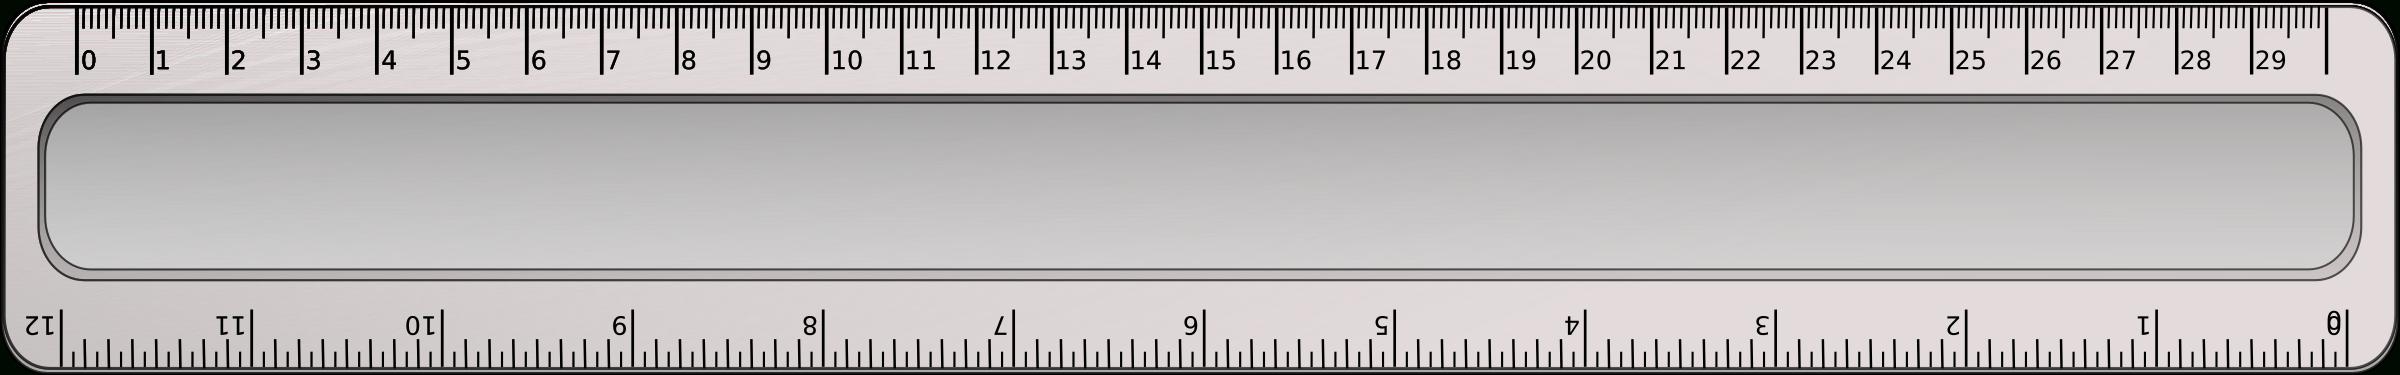 30Cm Ruler Clipart